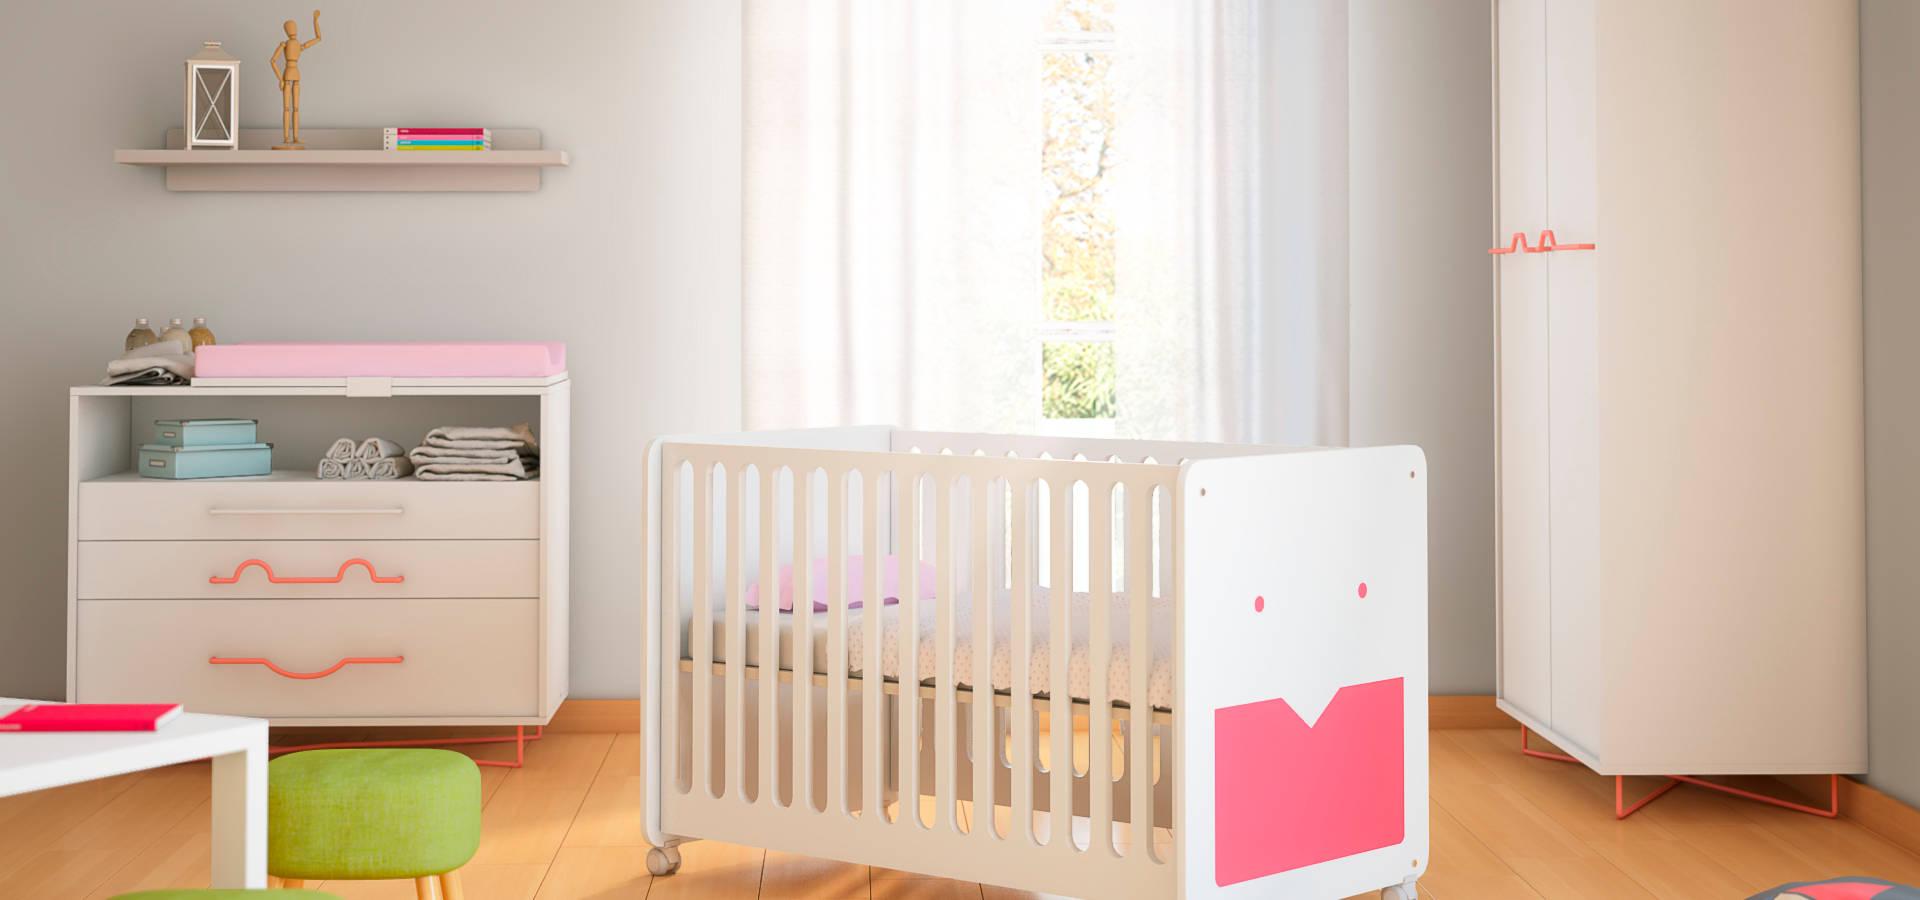 moti mobiliario y decoracion infantil muebles y